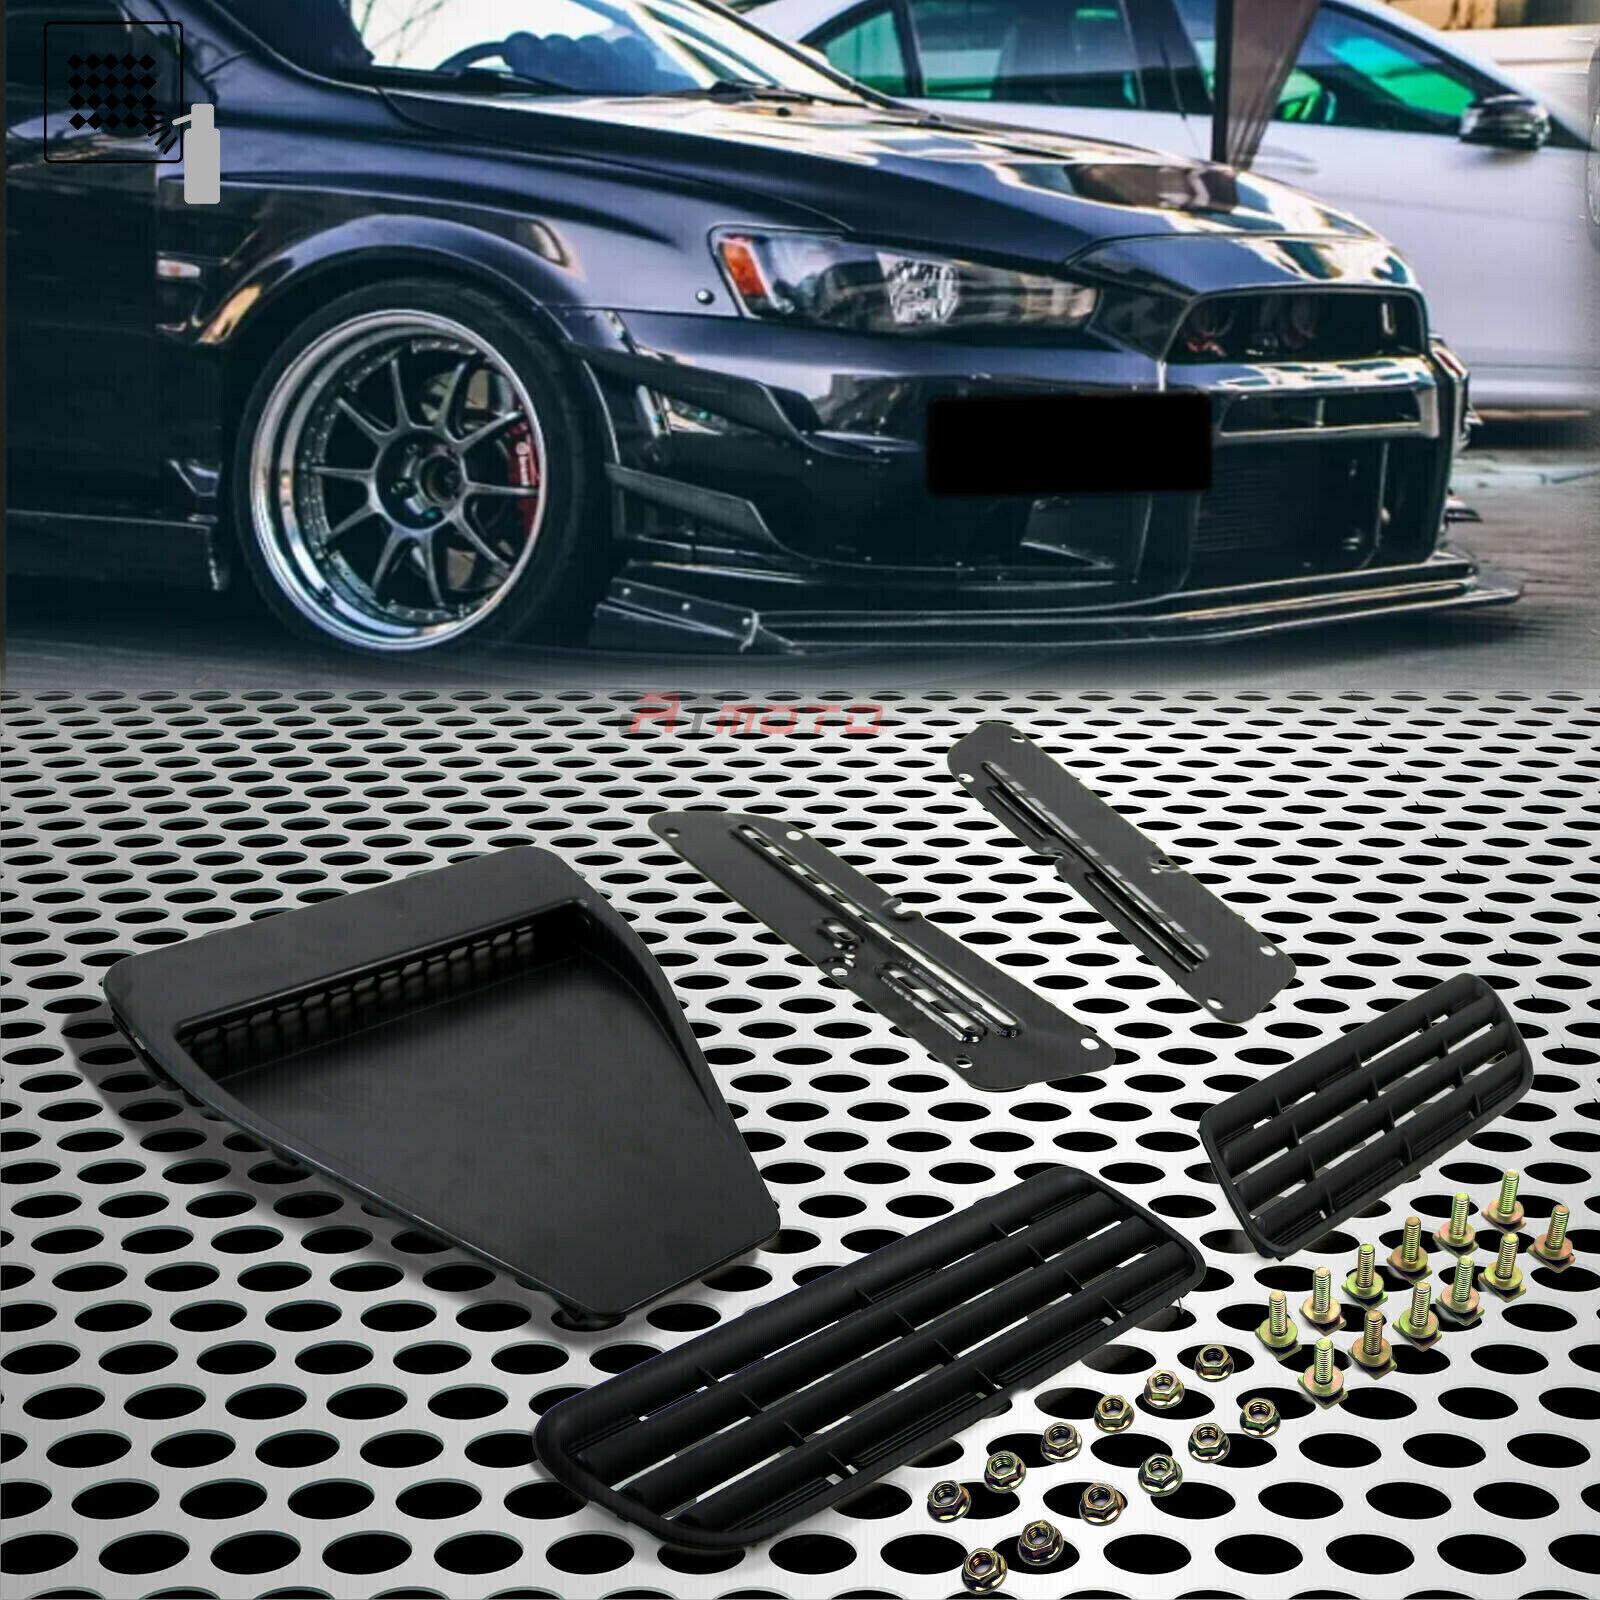 Car Parts - Fit for 08+Lancer EVO X/Ralliart /GTS Car Hood Bonnet Vent Duct Flat Matte Black